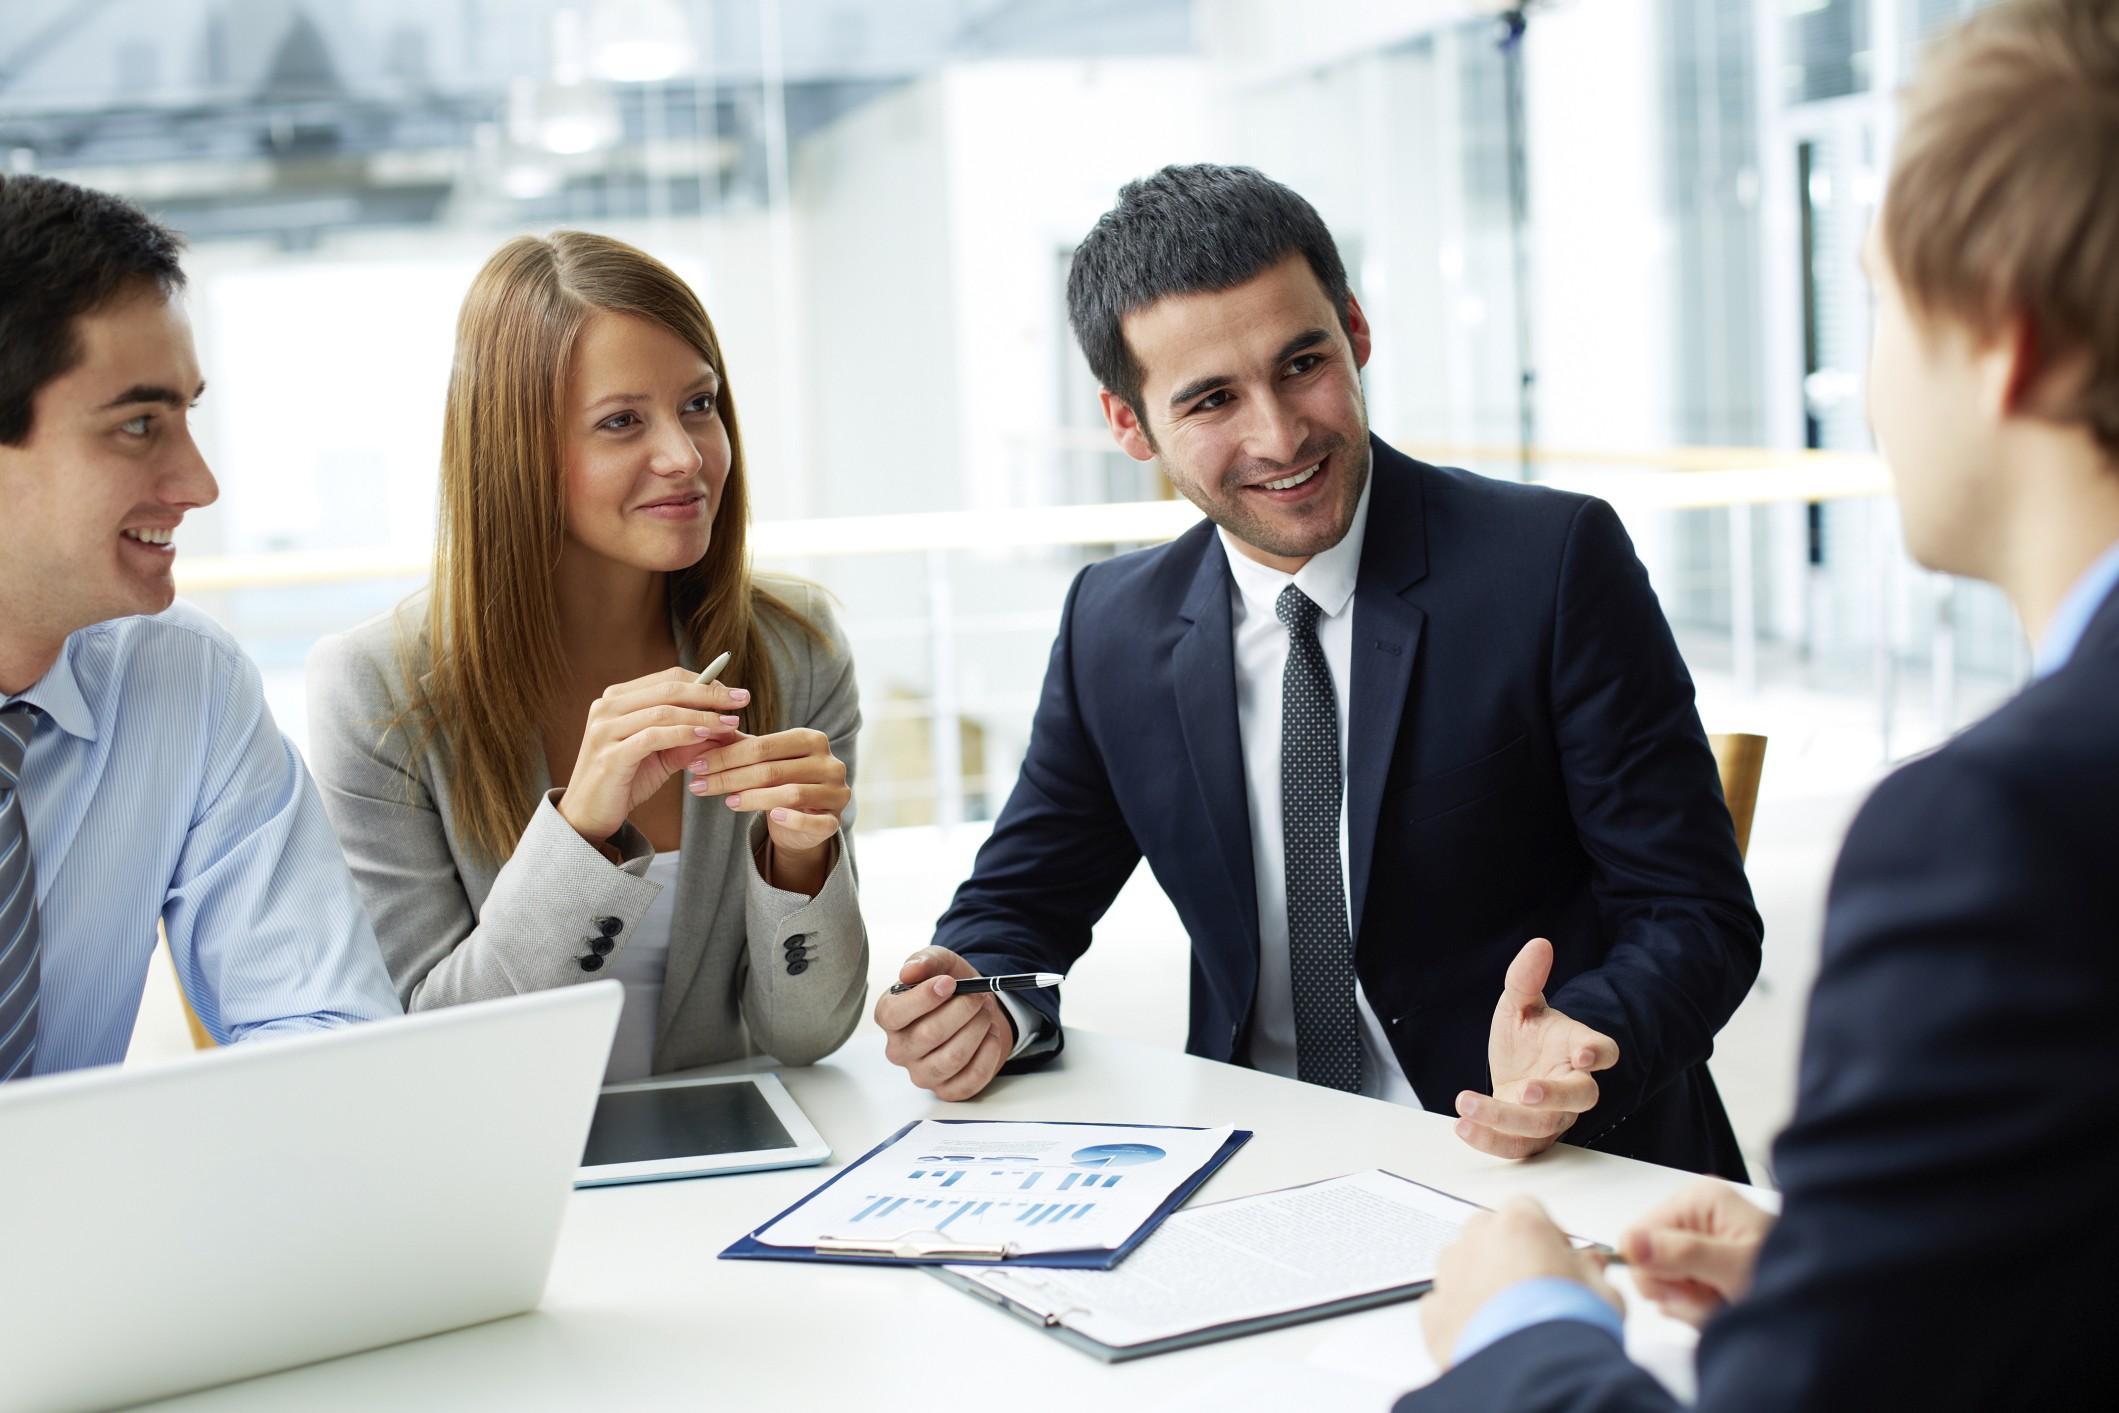 Foto Lavoro Ufficio : L influenza dell ufficio sul nostro benessere psico fisico è di